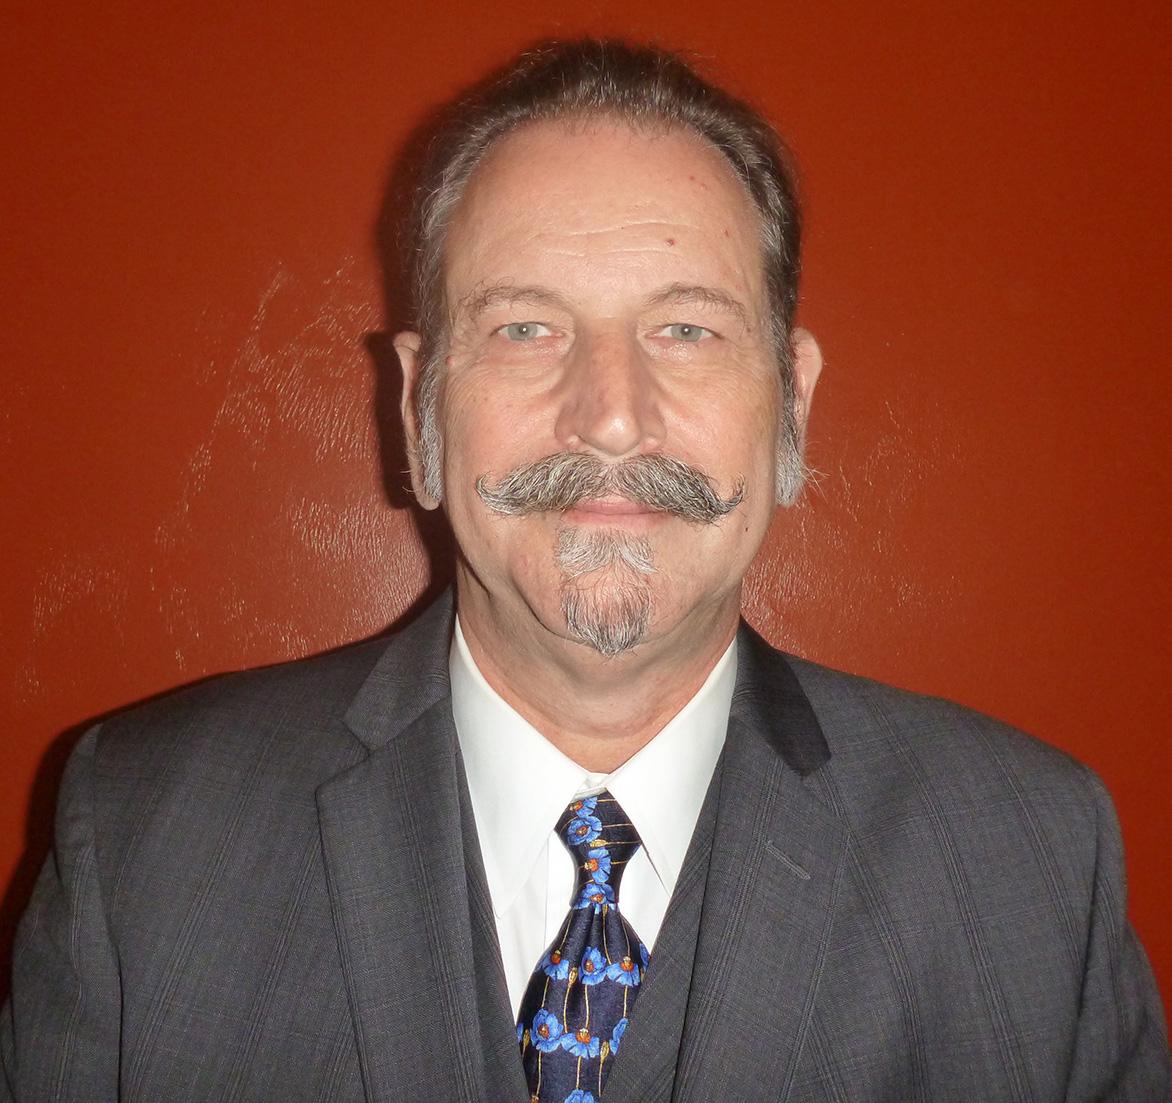 Dennis E. Slice